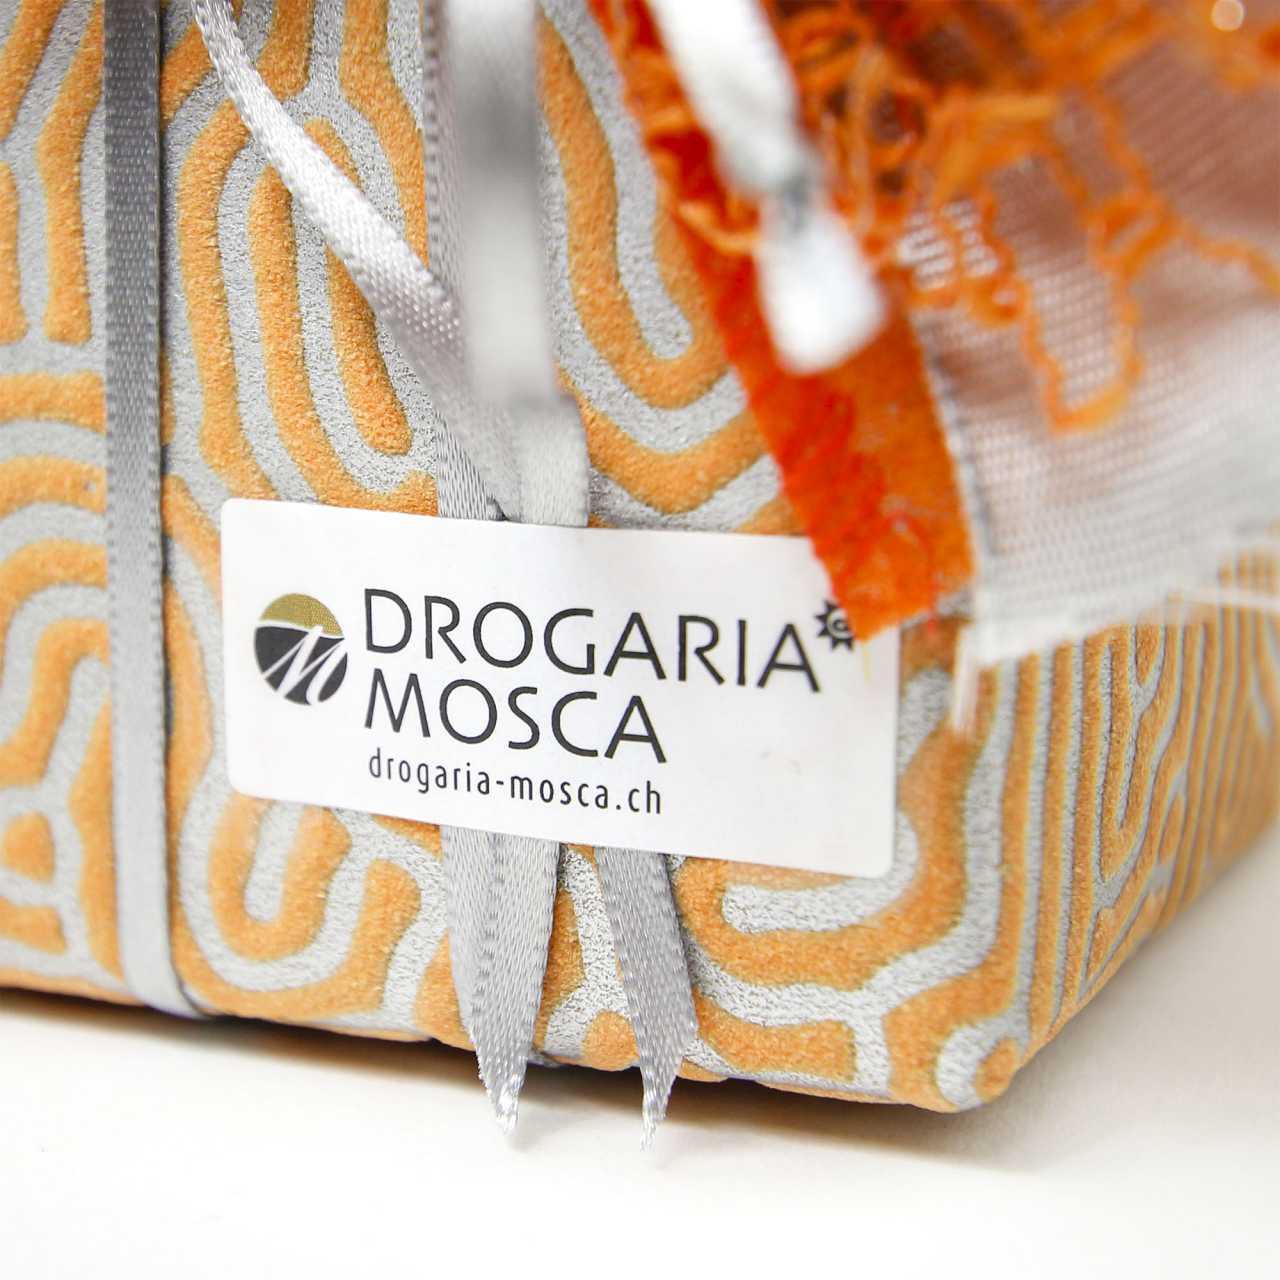 Geschenk der Drogaria Mosca in Scuol